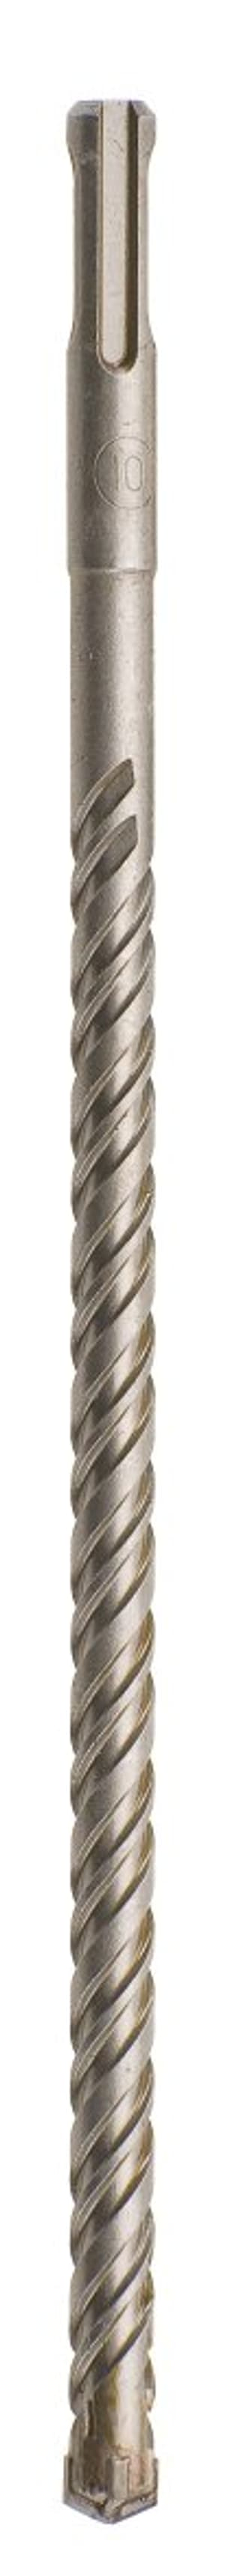 Hammerbohrer, 460/400 mm, ø 10 mm